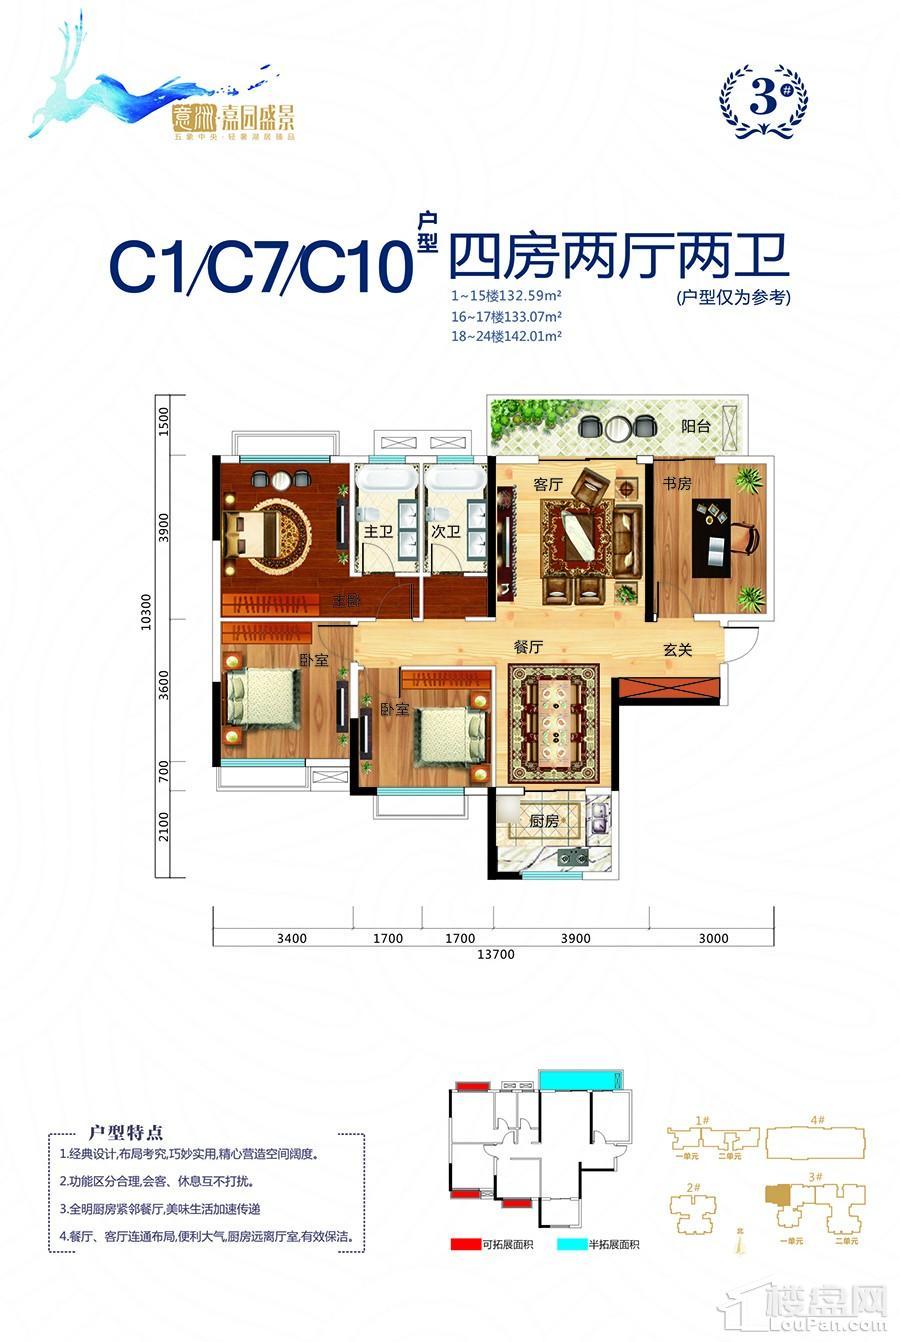 意洲嘉园盛景3#楼C1/C7/C10户型